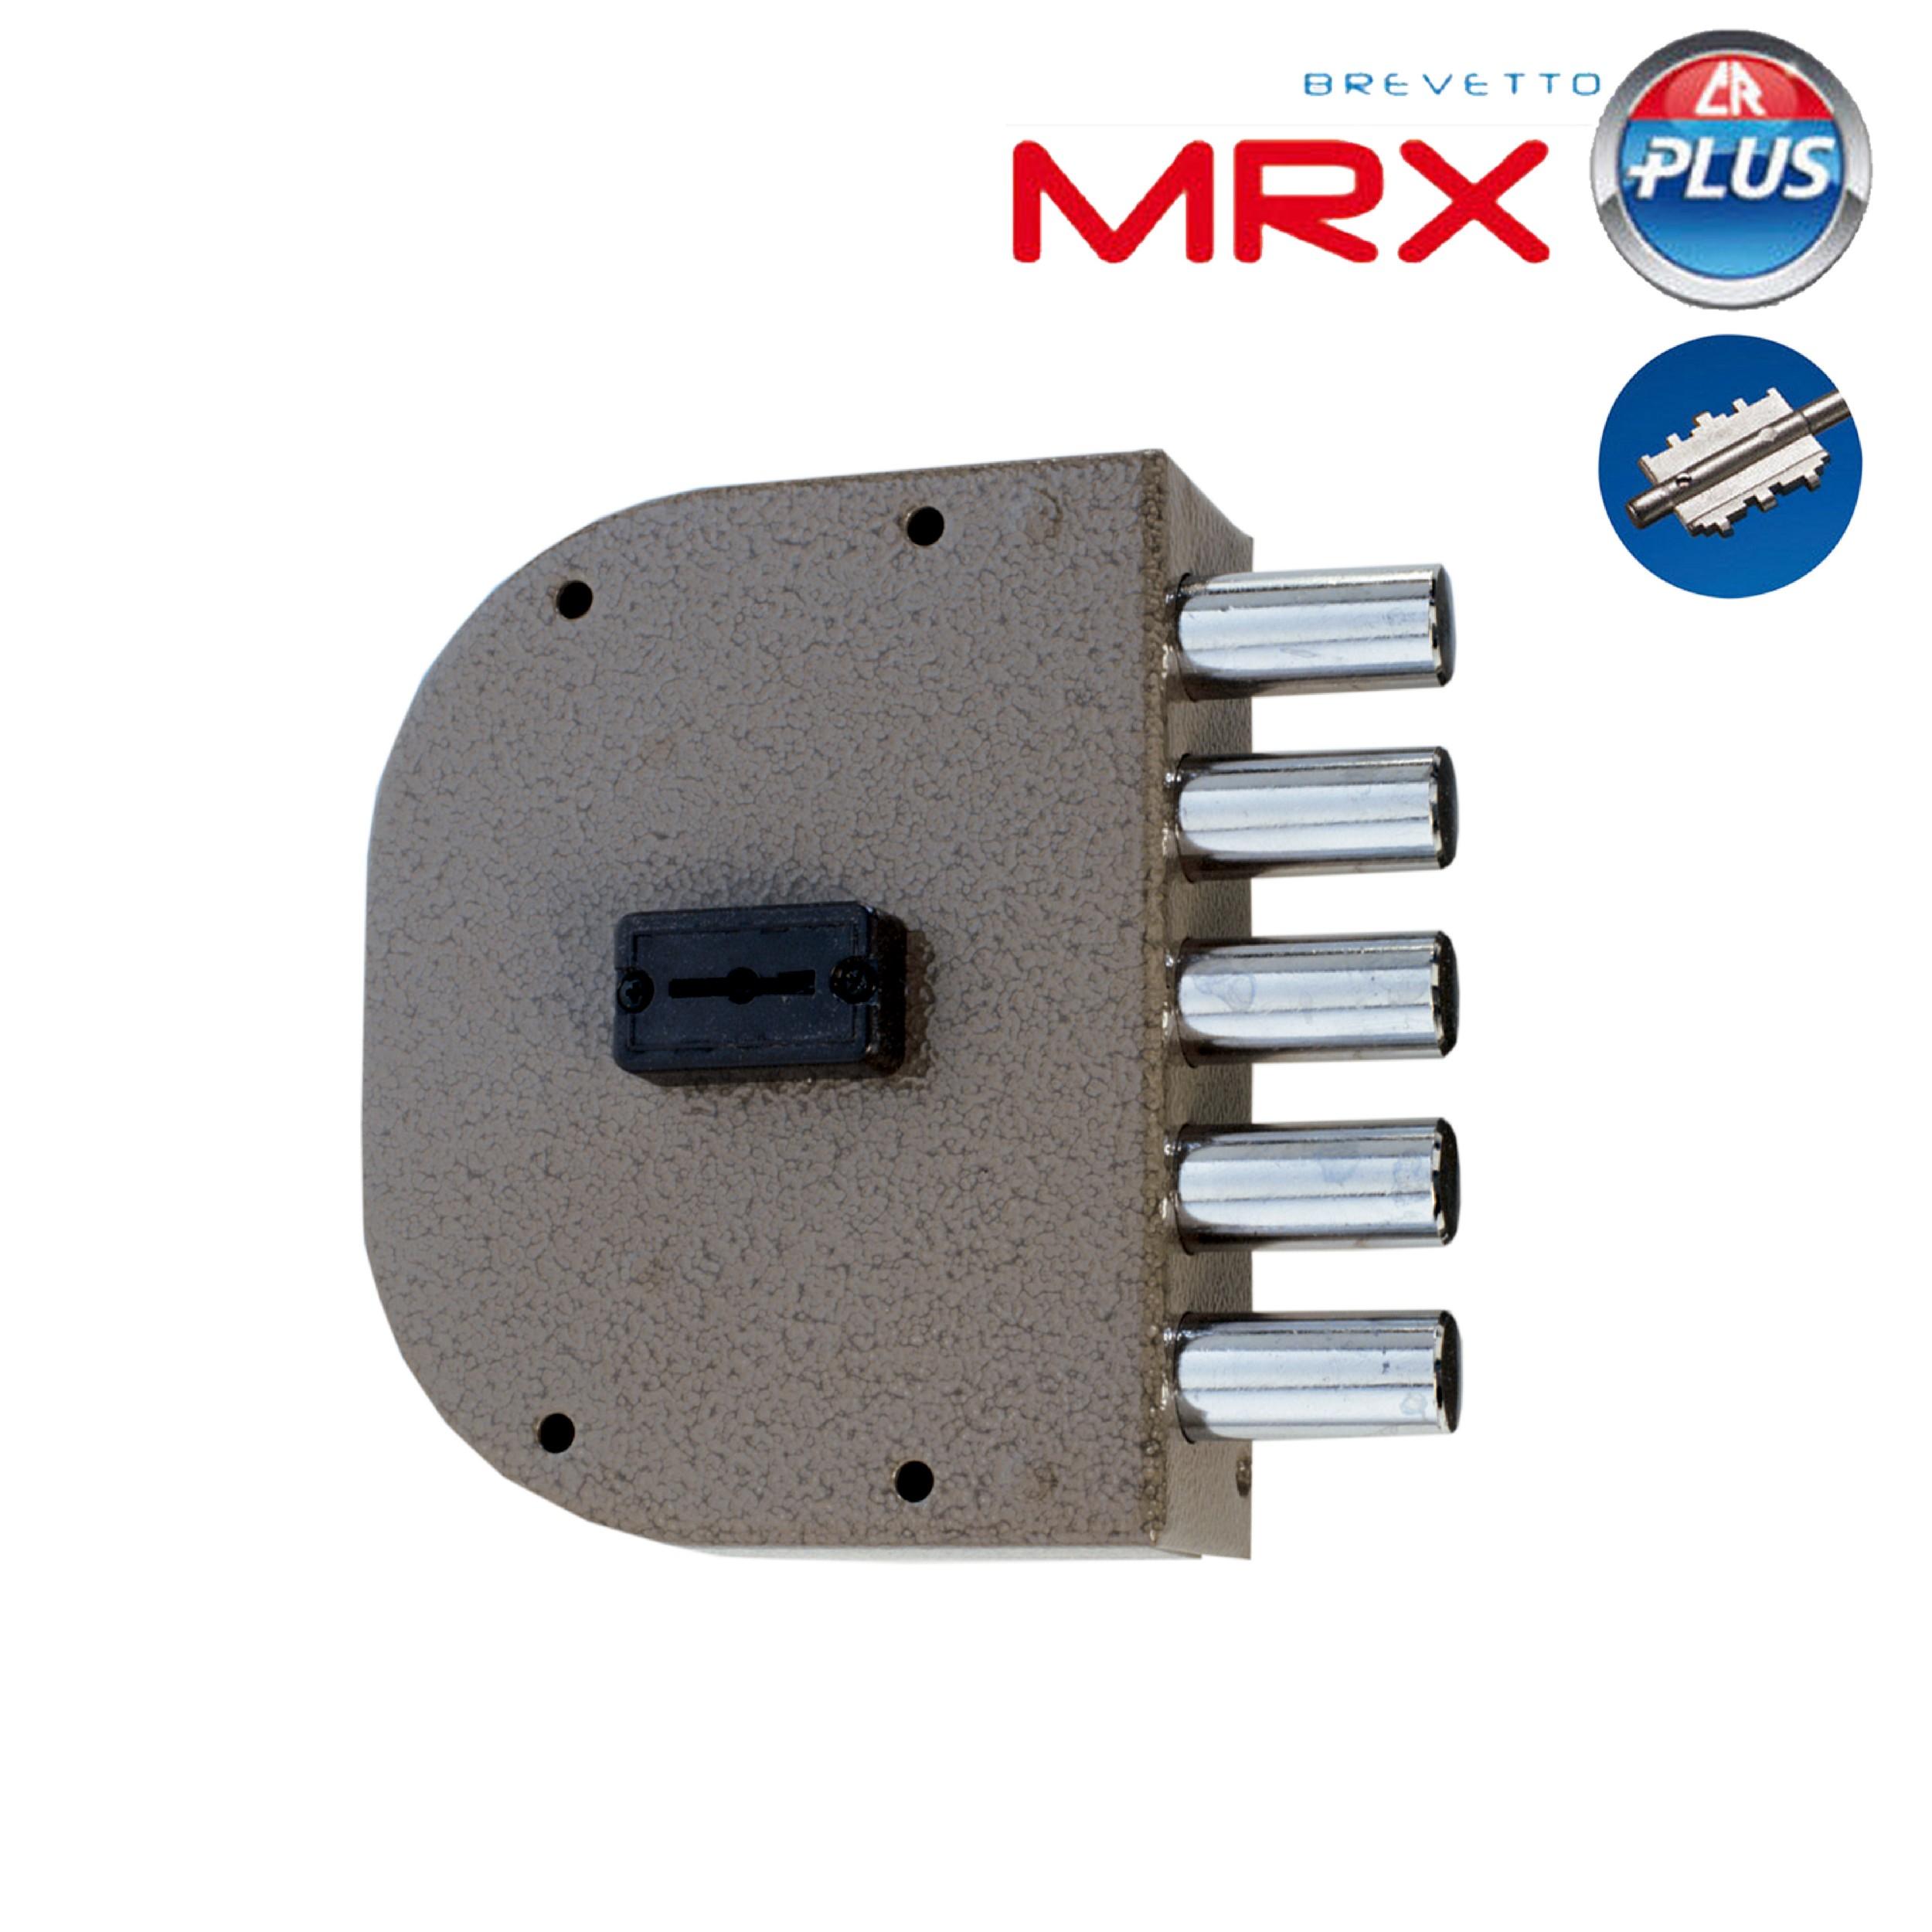 SERR.2300 DM MRX 116MM SX